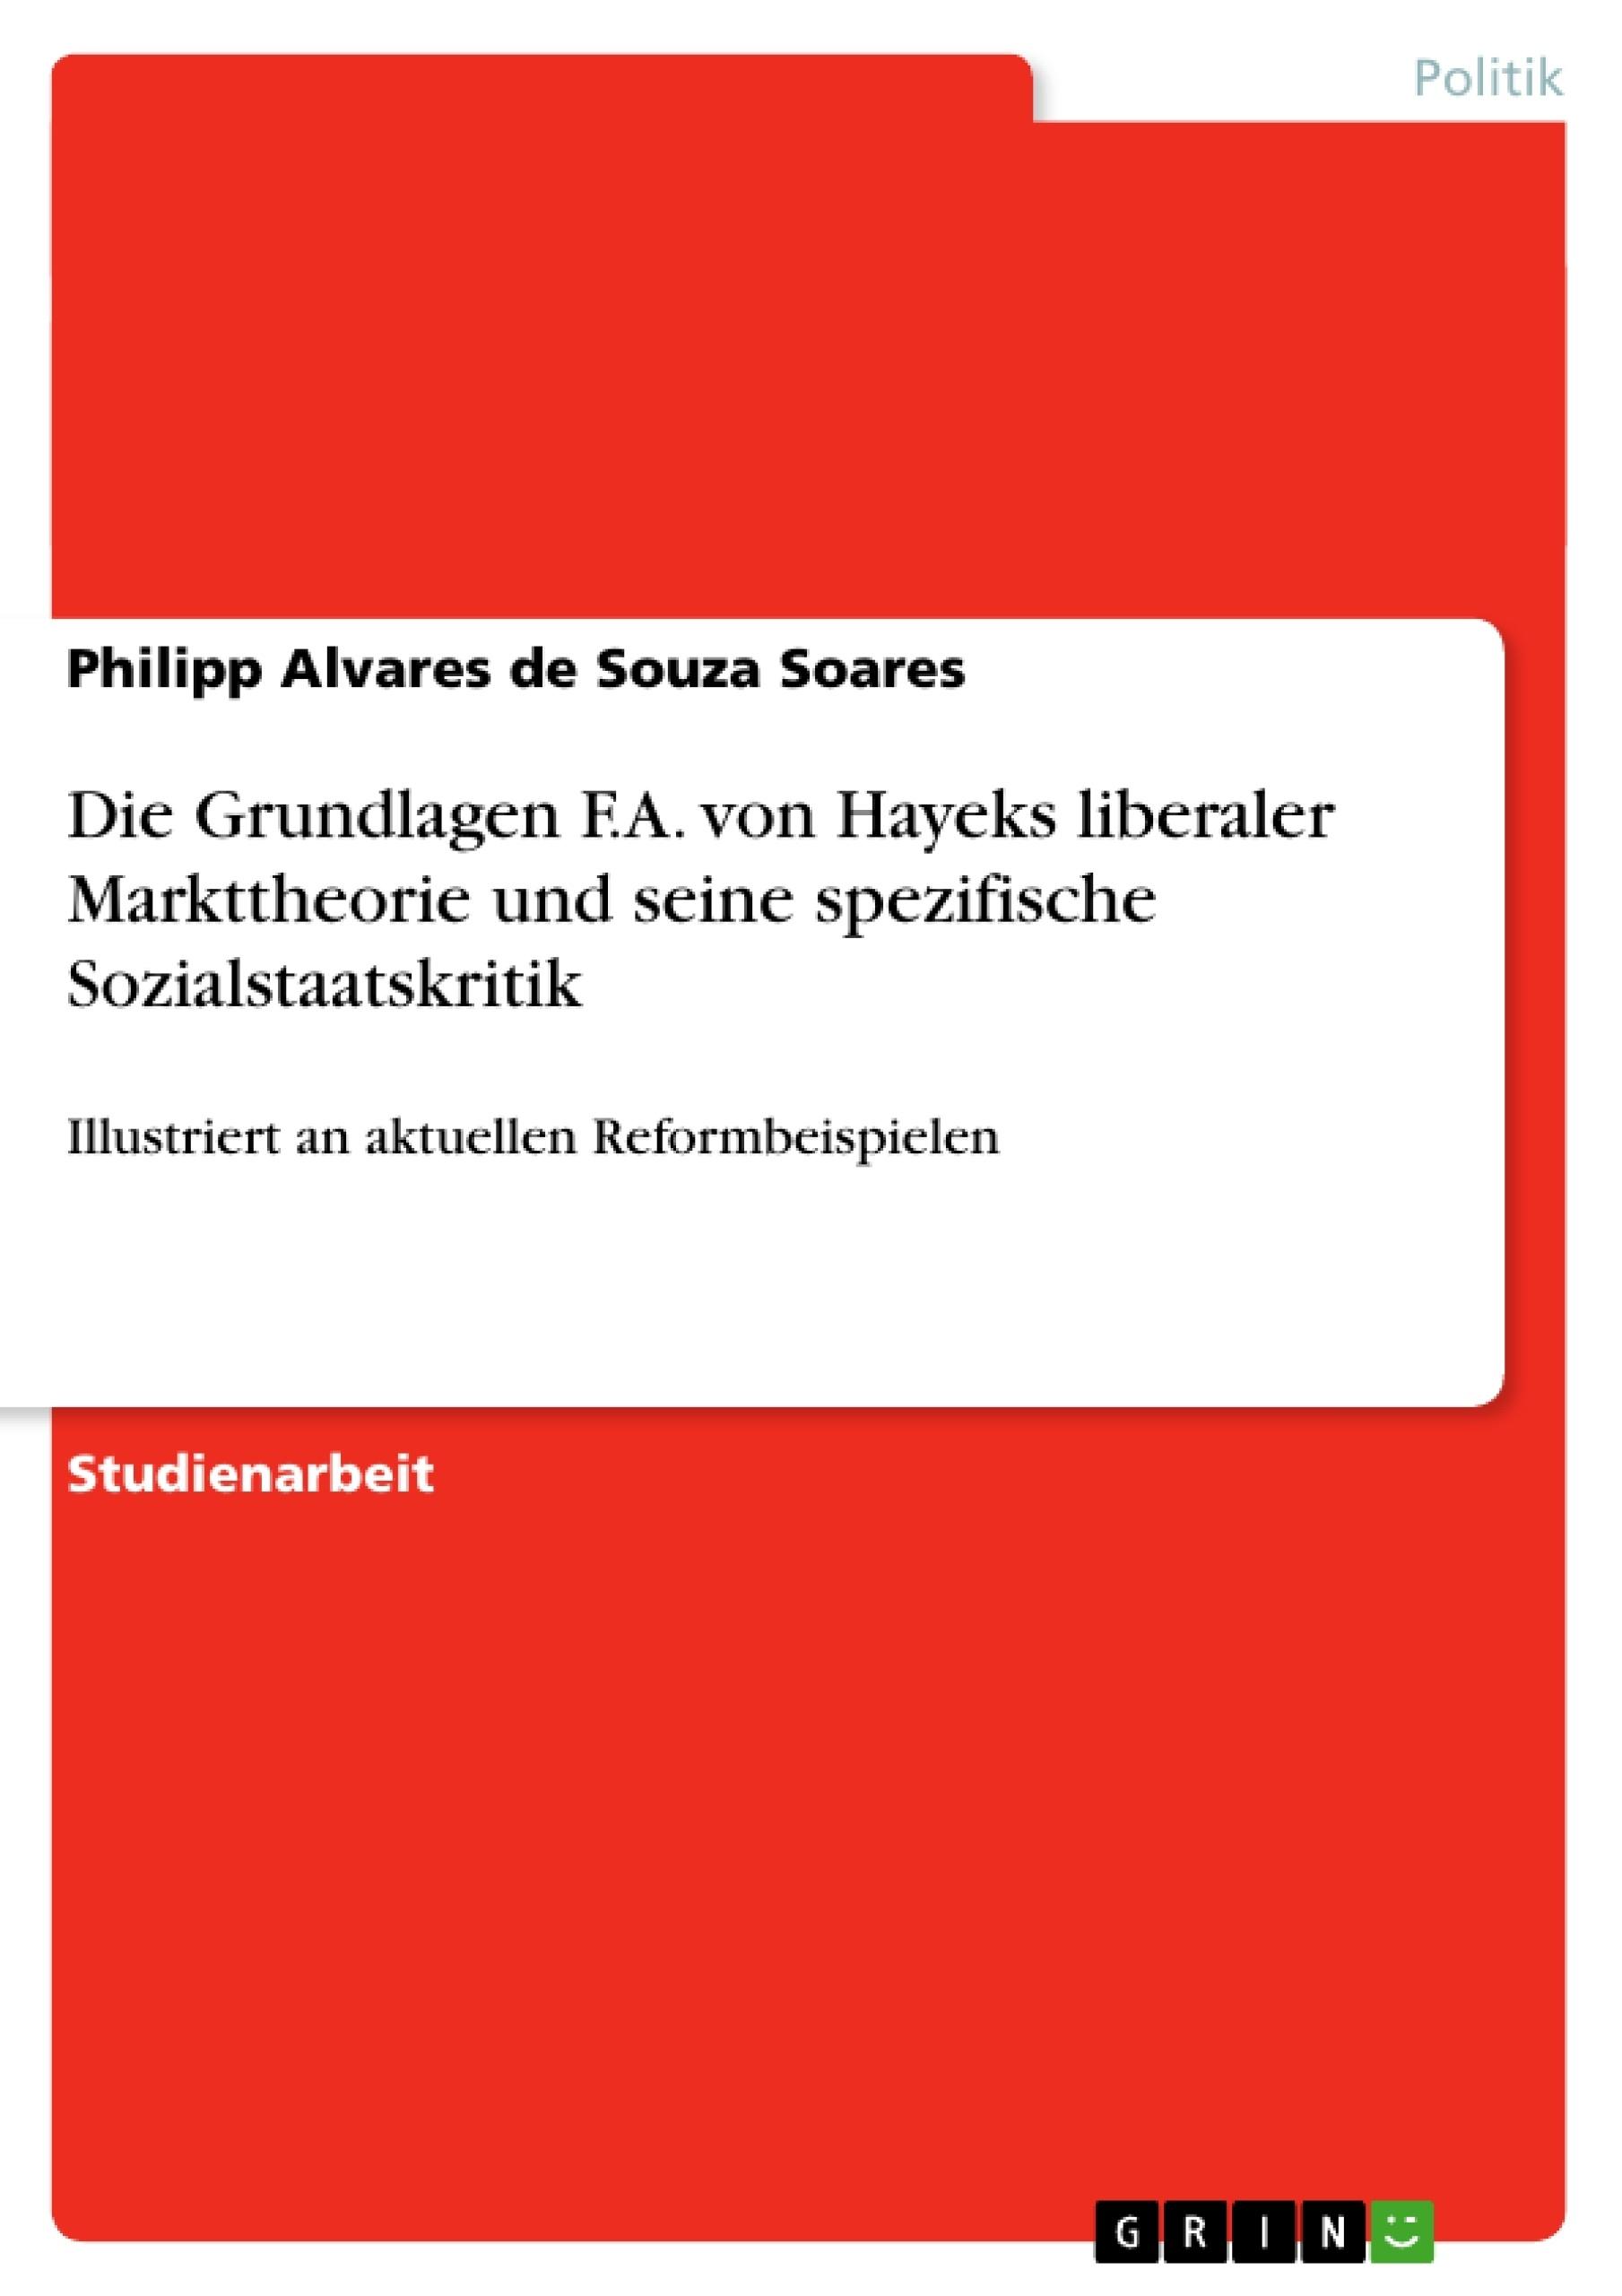 Titel: Die Grundlagen F.A. von Hayeks liberaler Markttheorie und seine spezifische Sozialstaatskritik